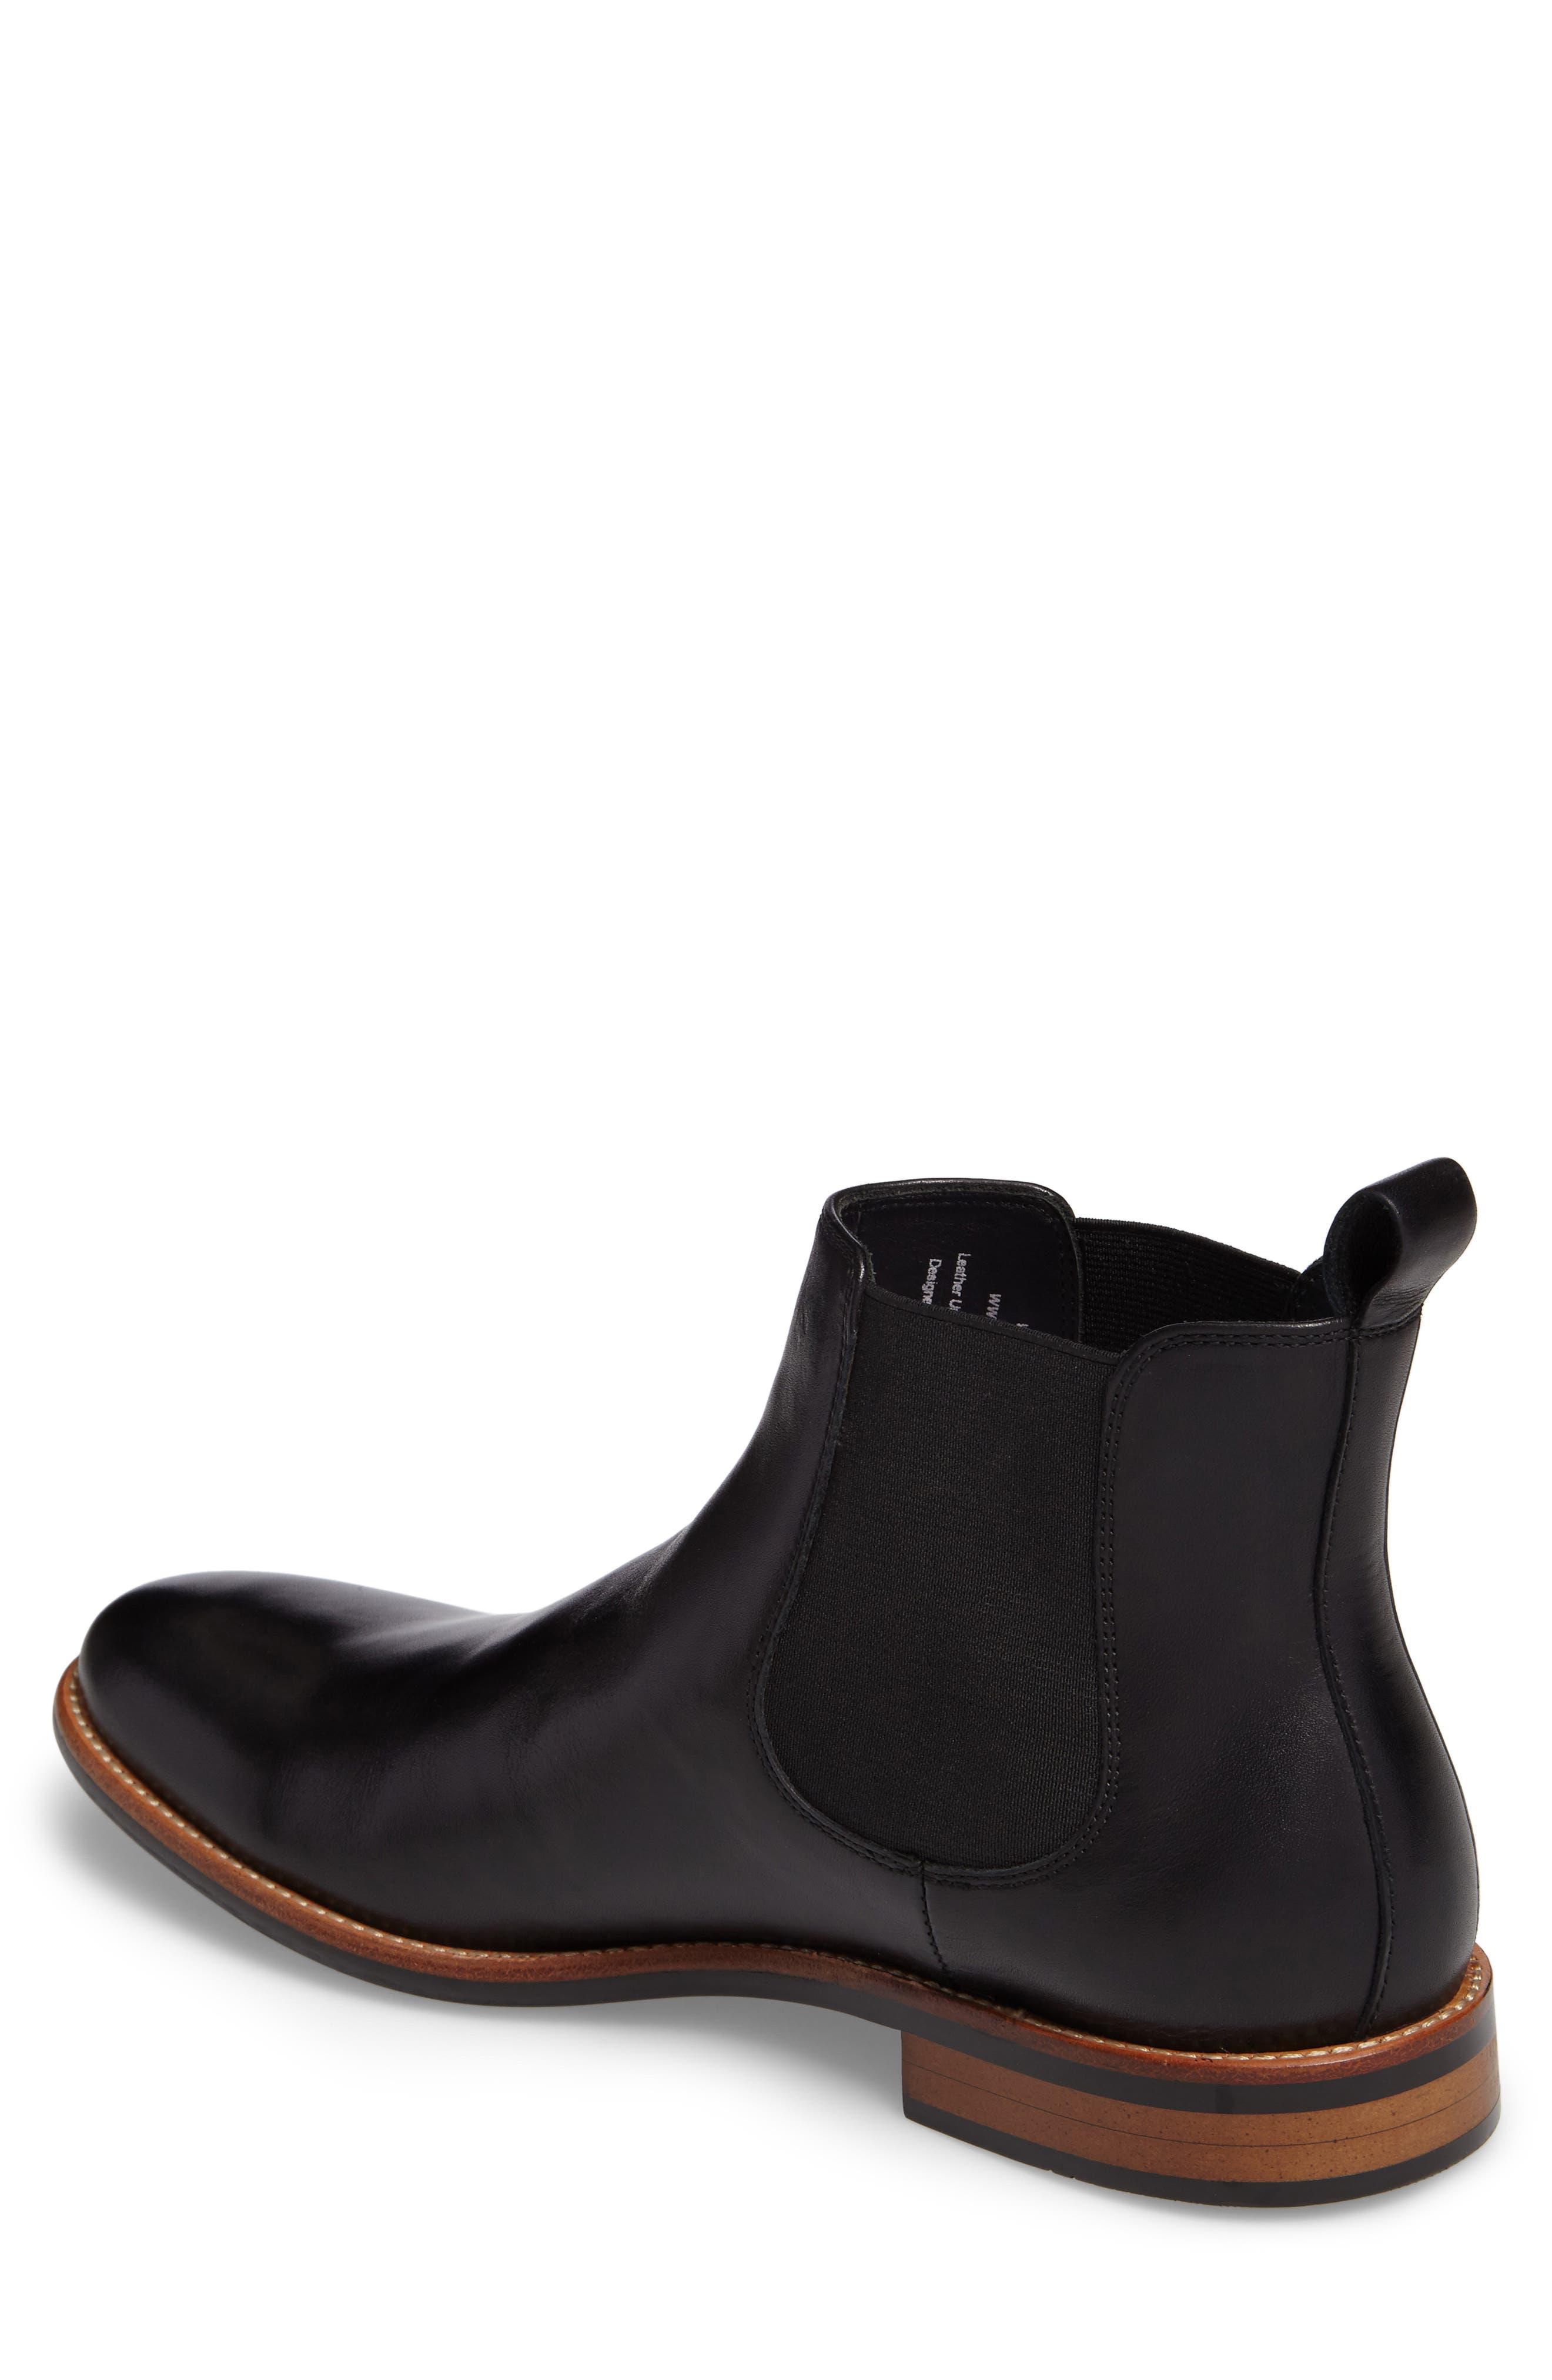 Alternate Image 2  - Gordon Rush 'Wallis' Chelsea Boot (Men)